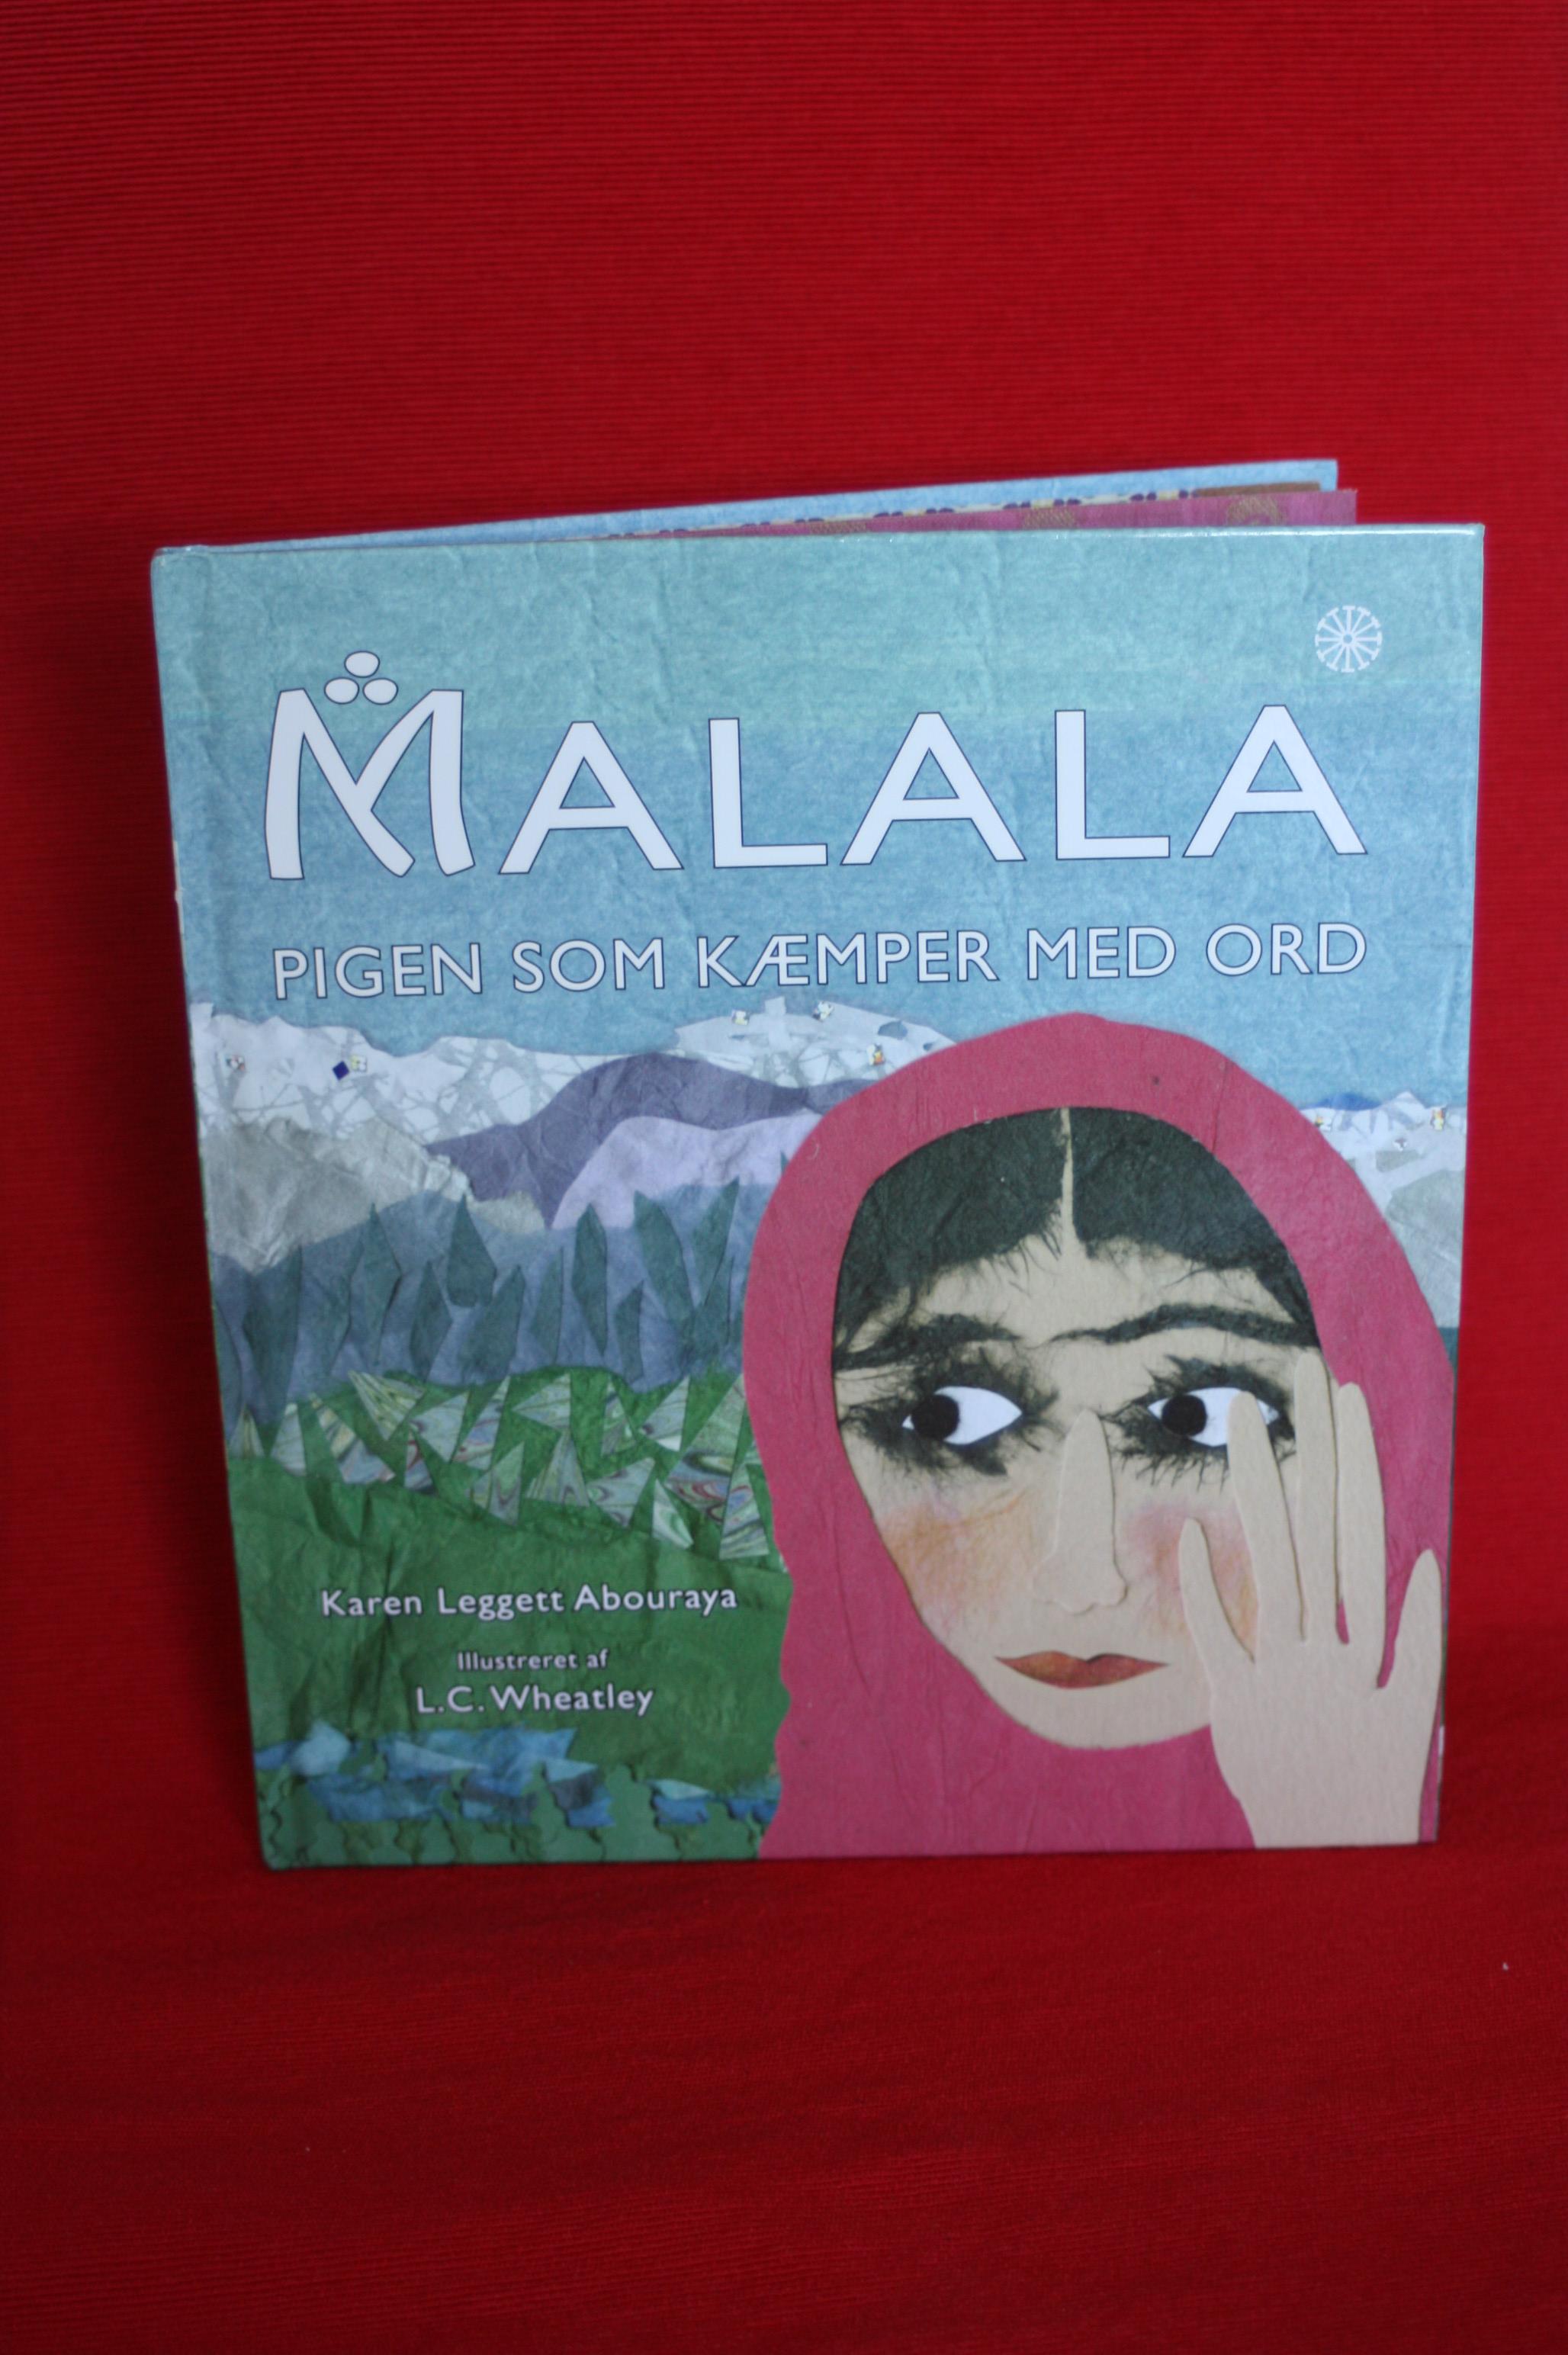 Malala - pigen som kæmper med ord